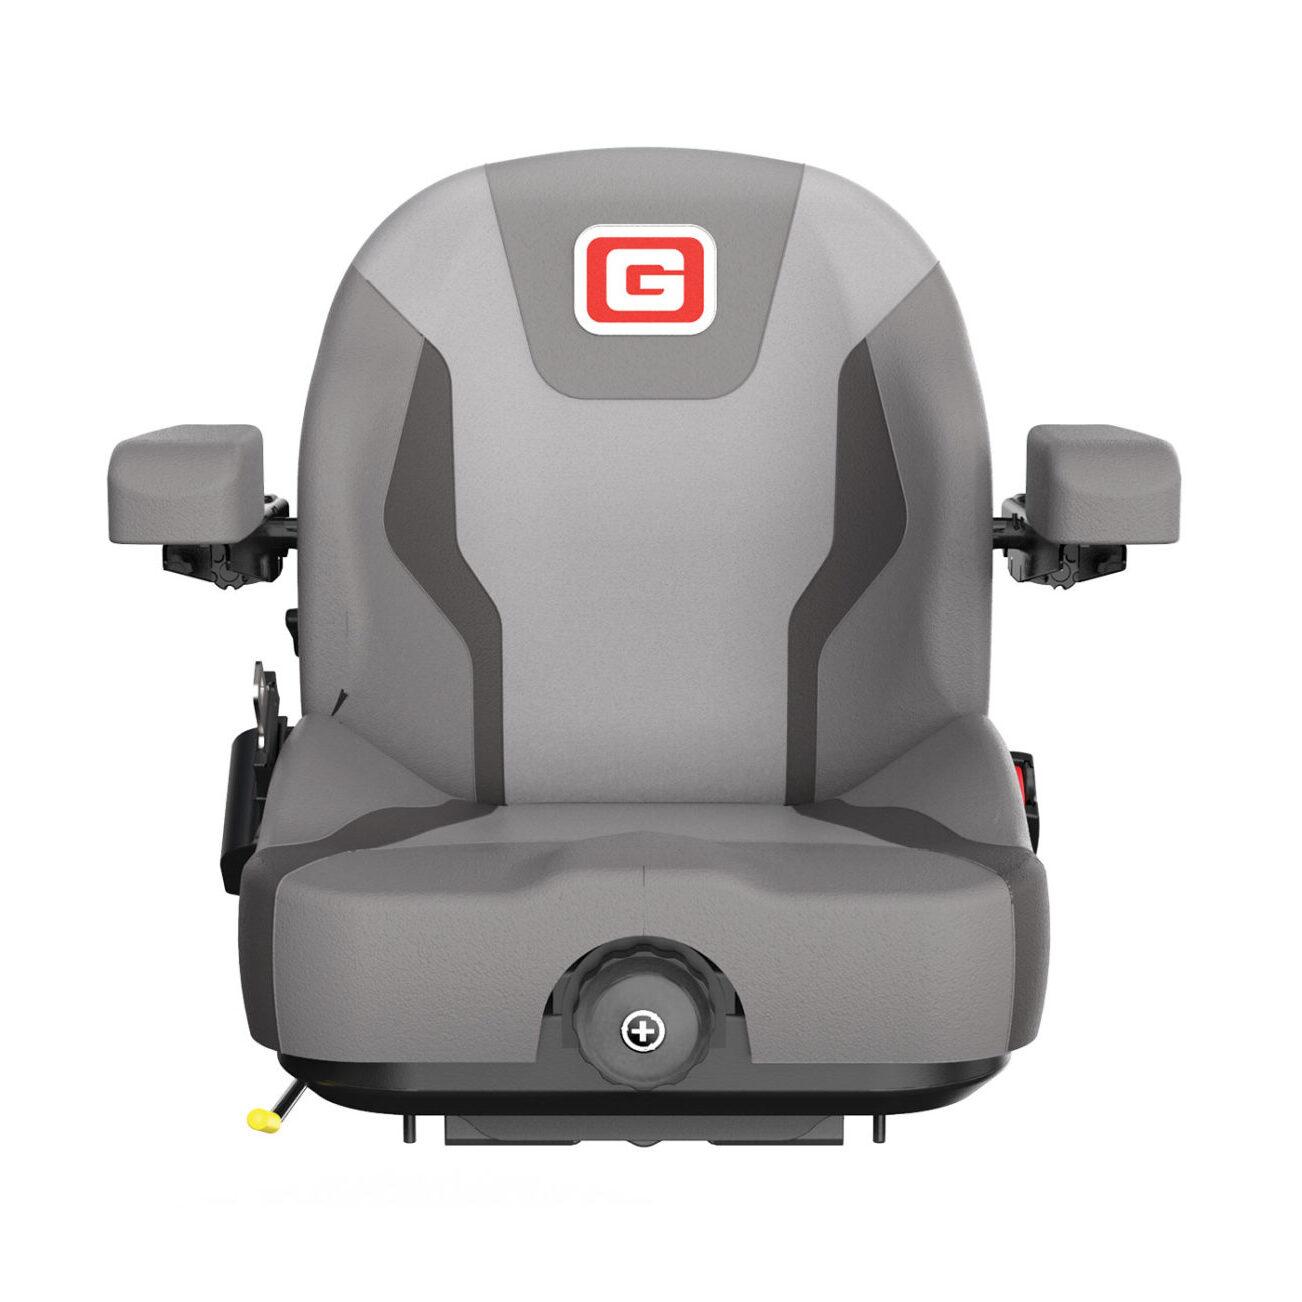 pt100-fb-seat